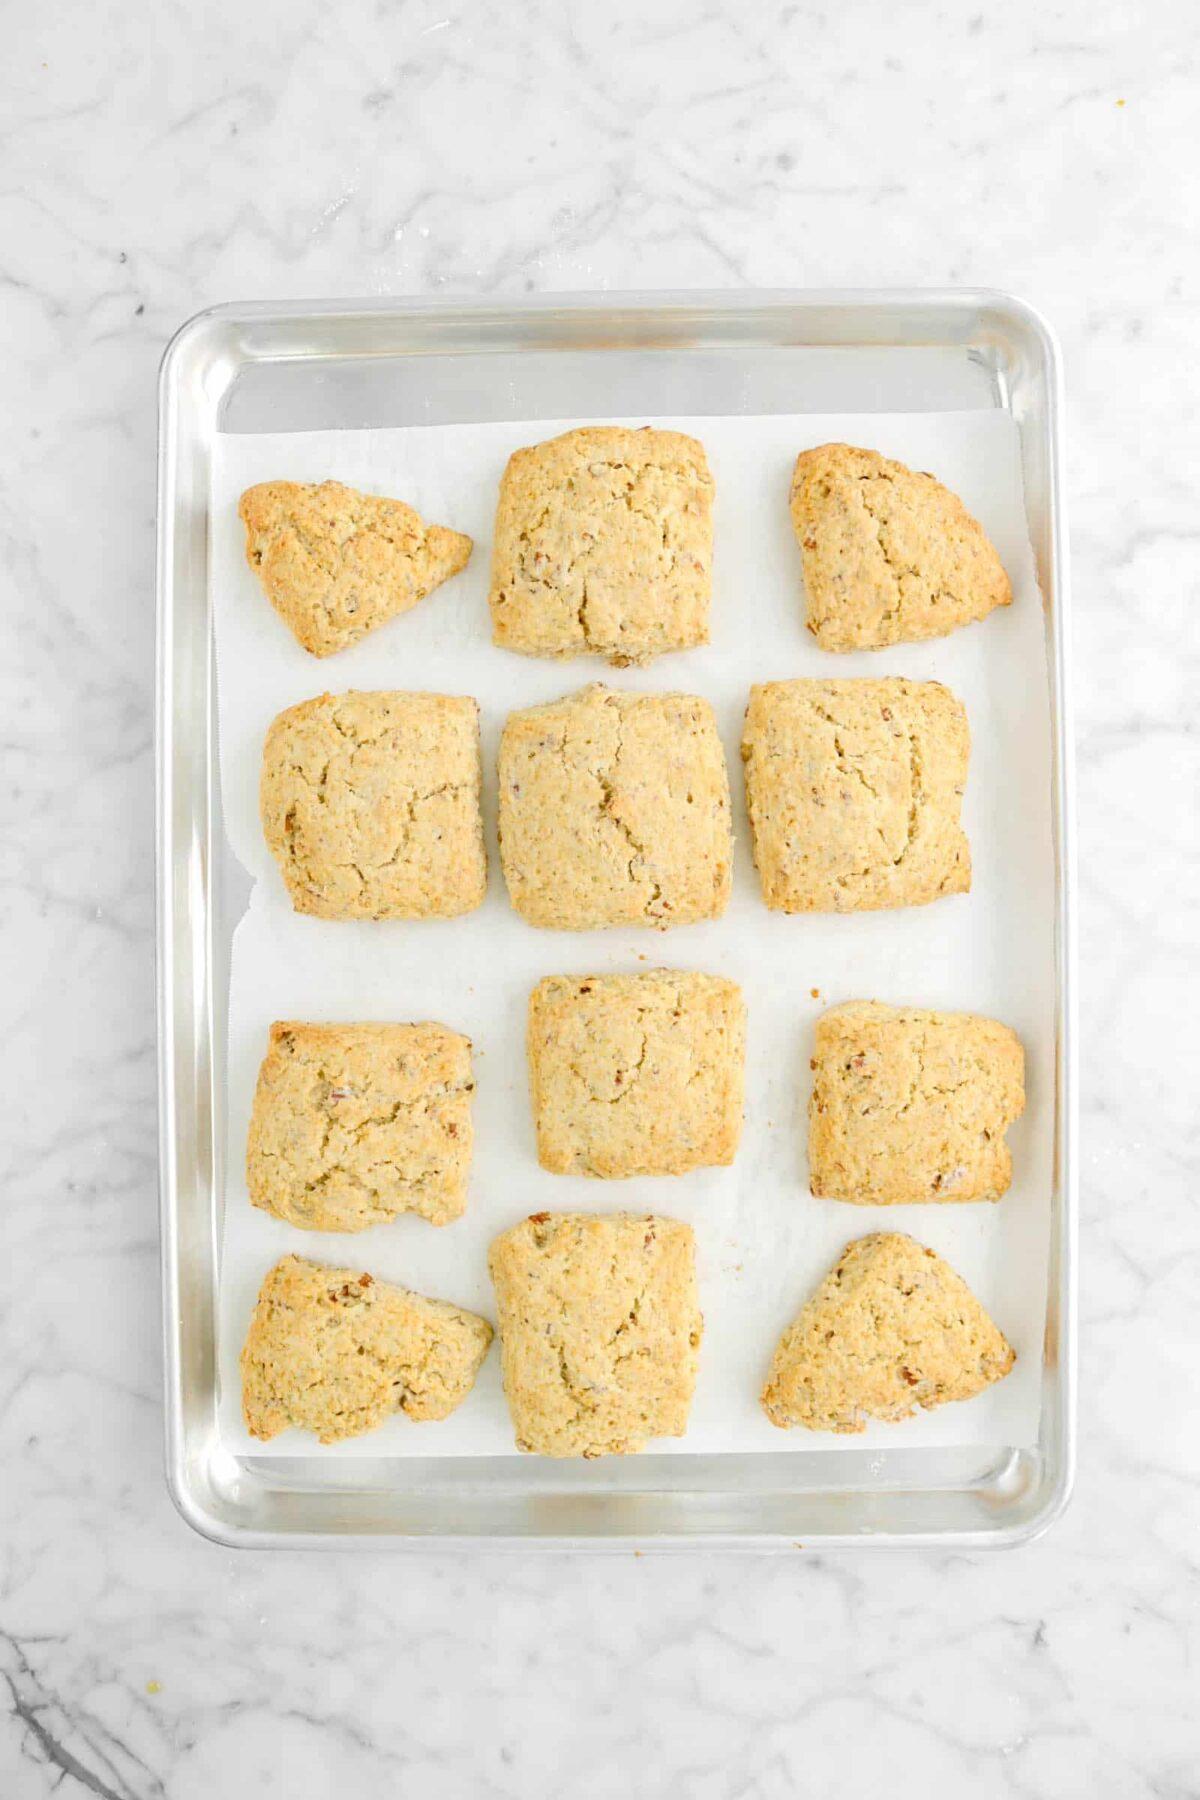 maple pecan scones baked on sheet pan